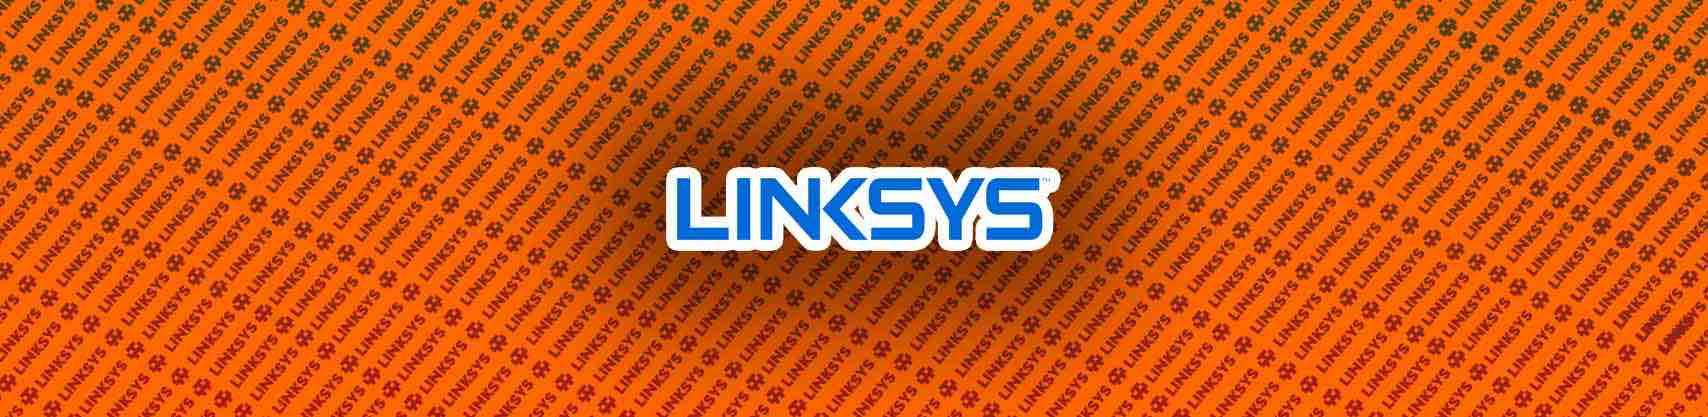 Linksys AC1200 Manual